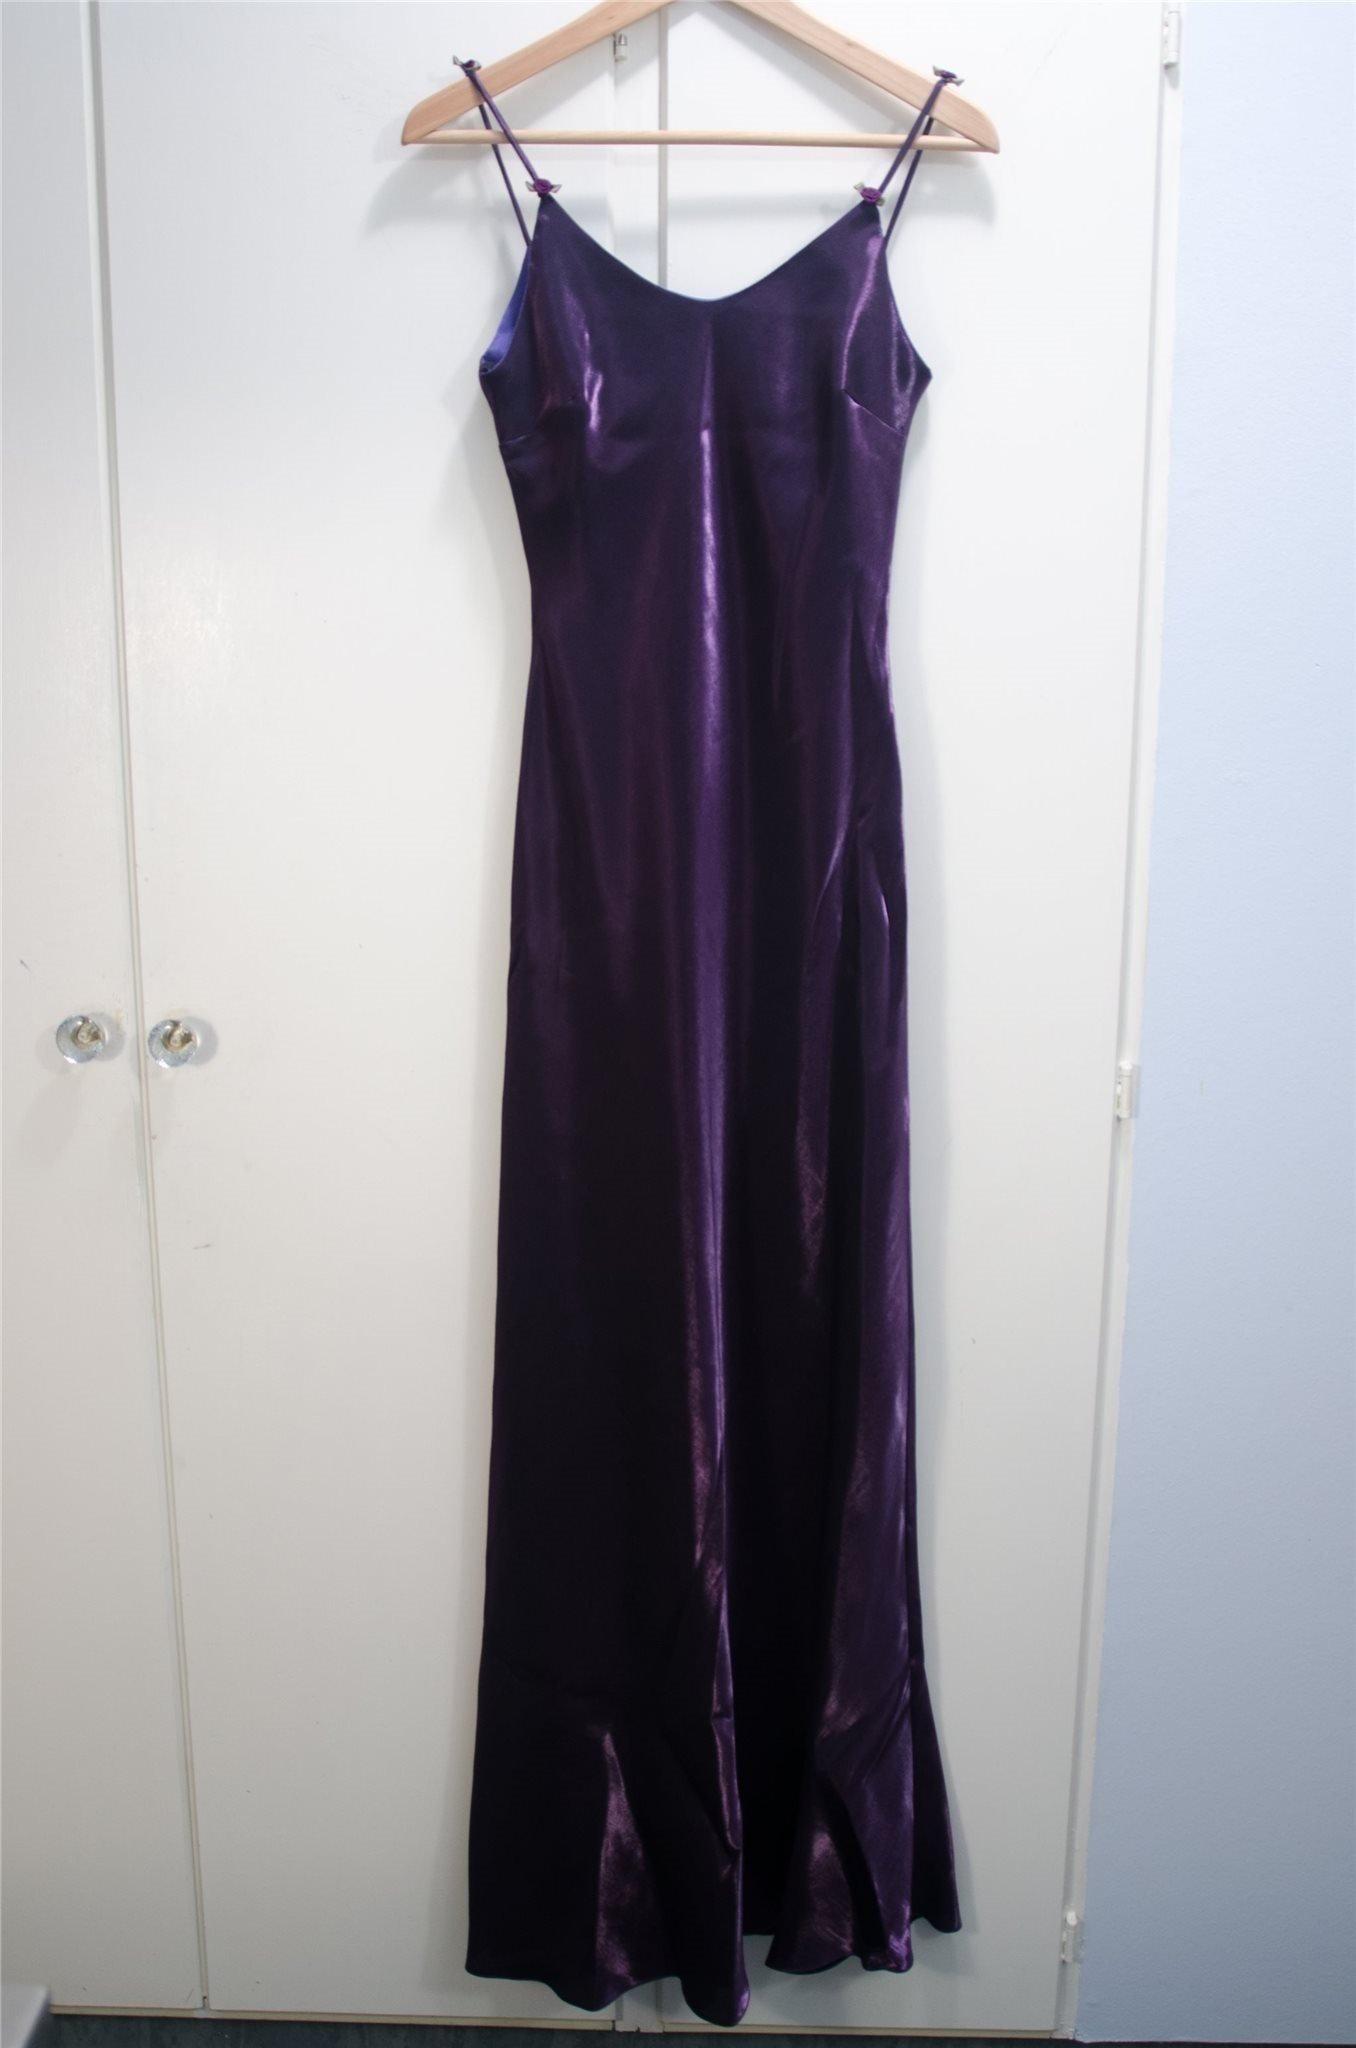 21244fb6bbf8 Lila klänning för bal fest brud tärna S/XS (347164391) ᐈ Köp på Tradera